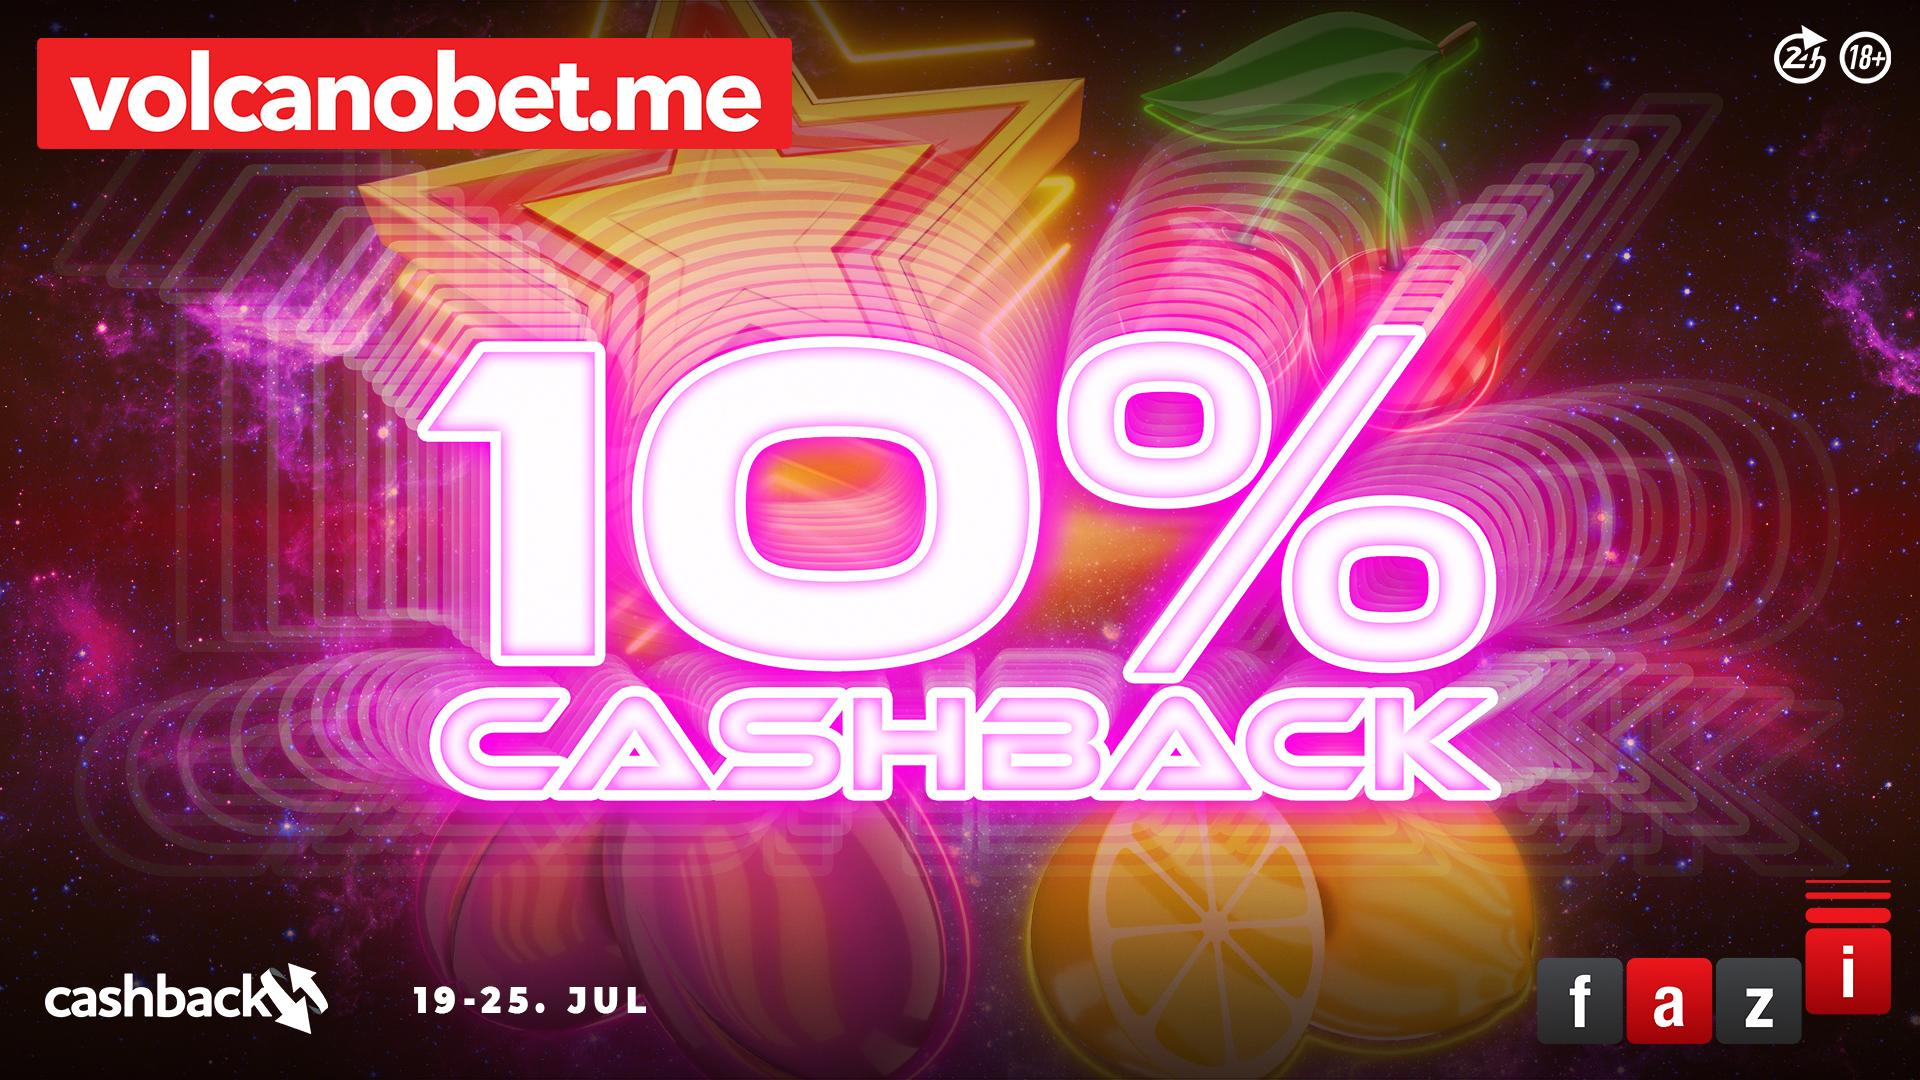 Fazi Cashback Jul